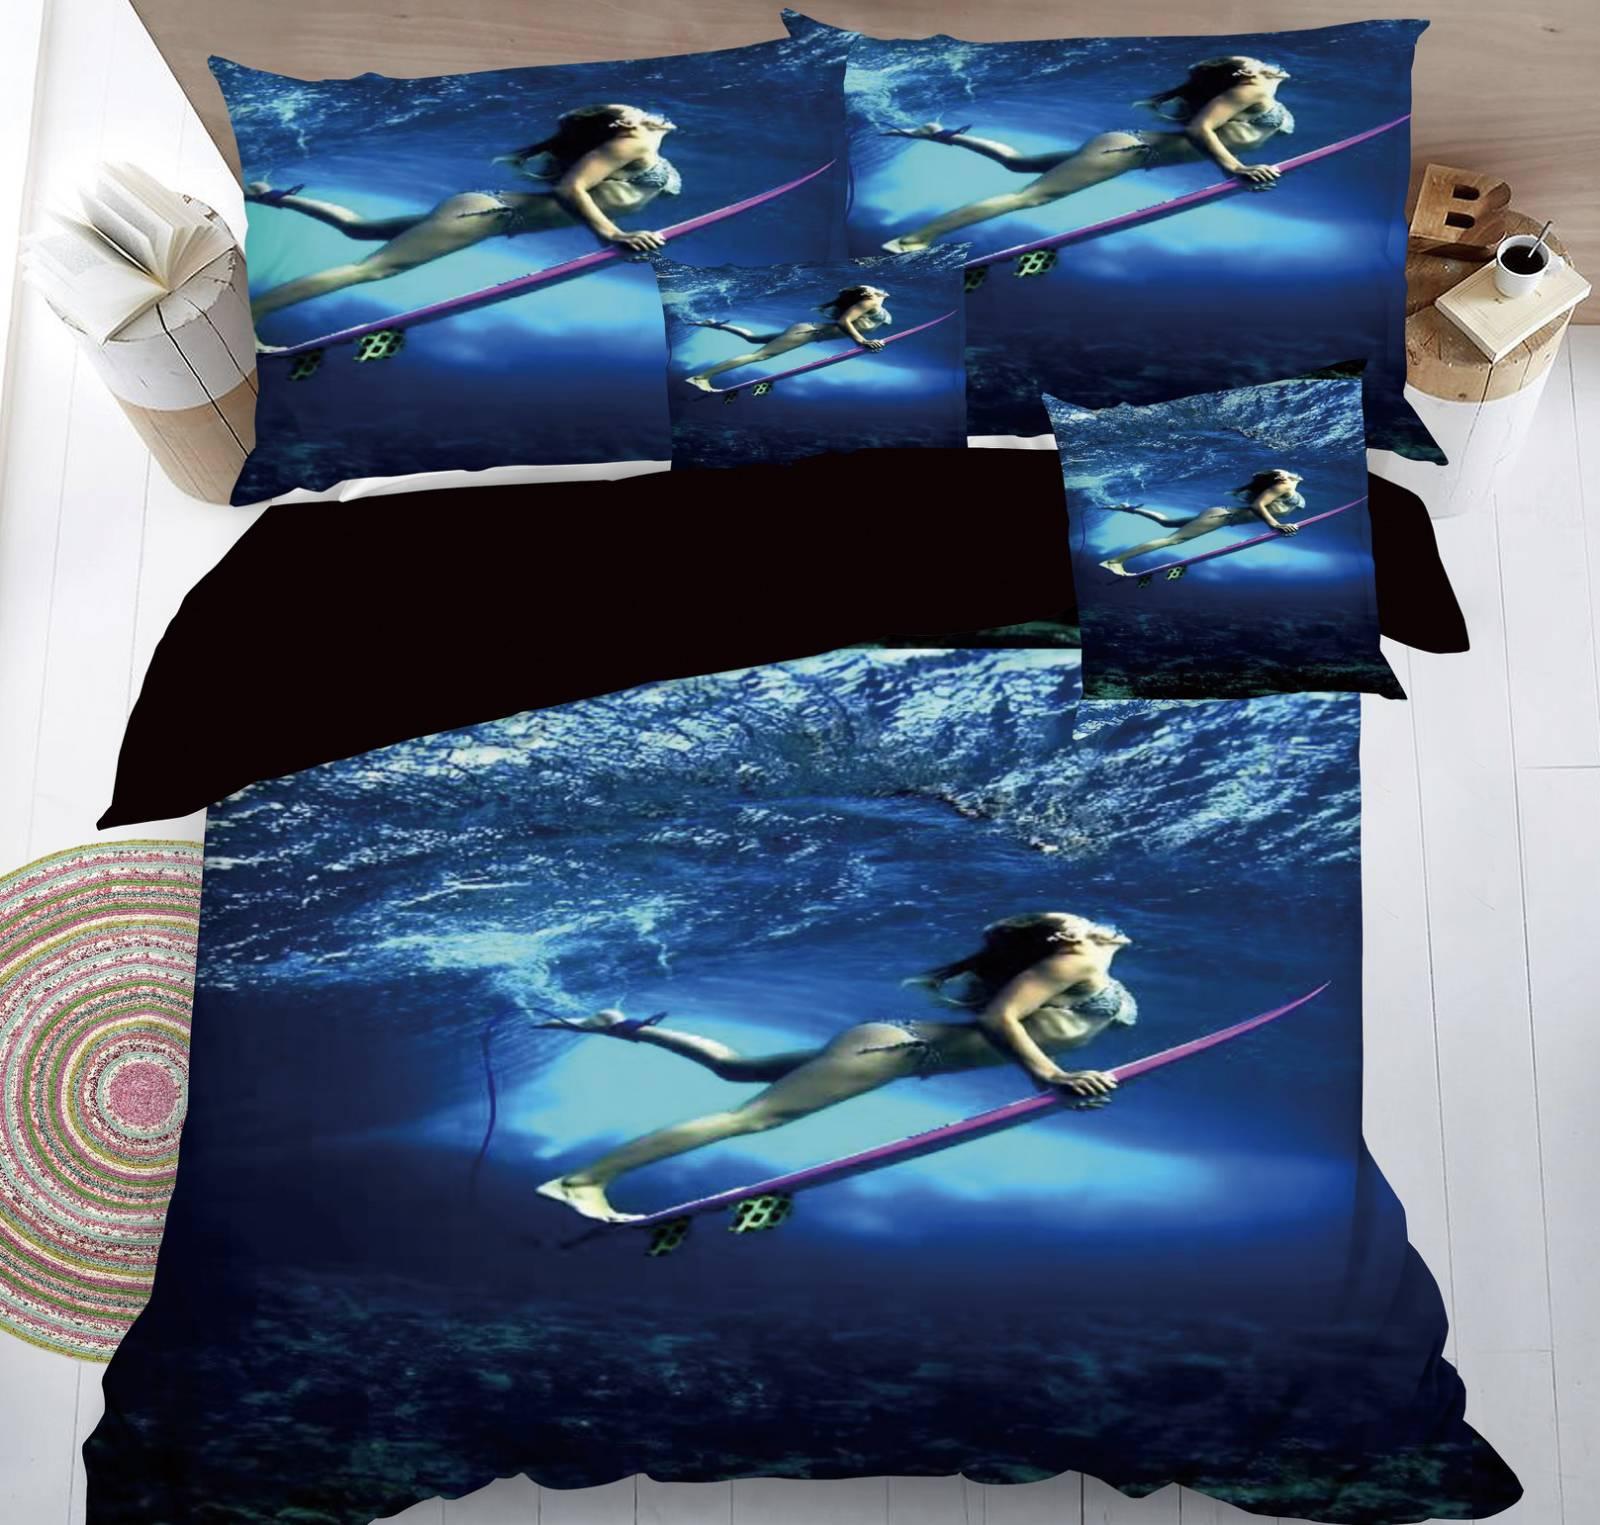 SADA POVLEČENÍ S 3D EFEKTEM SURFAŘKA  na 2 postele + PROSTĚRADLO ZDARMA